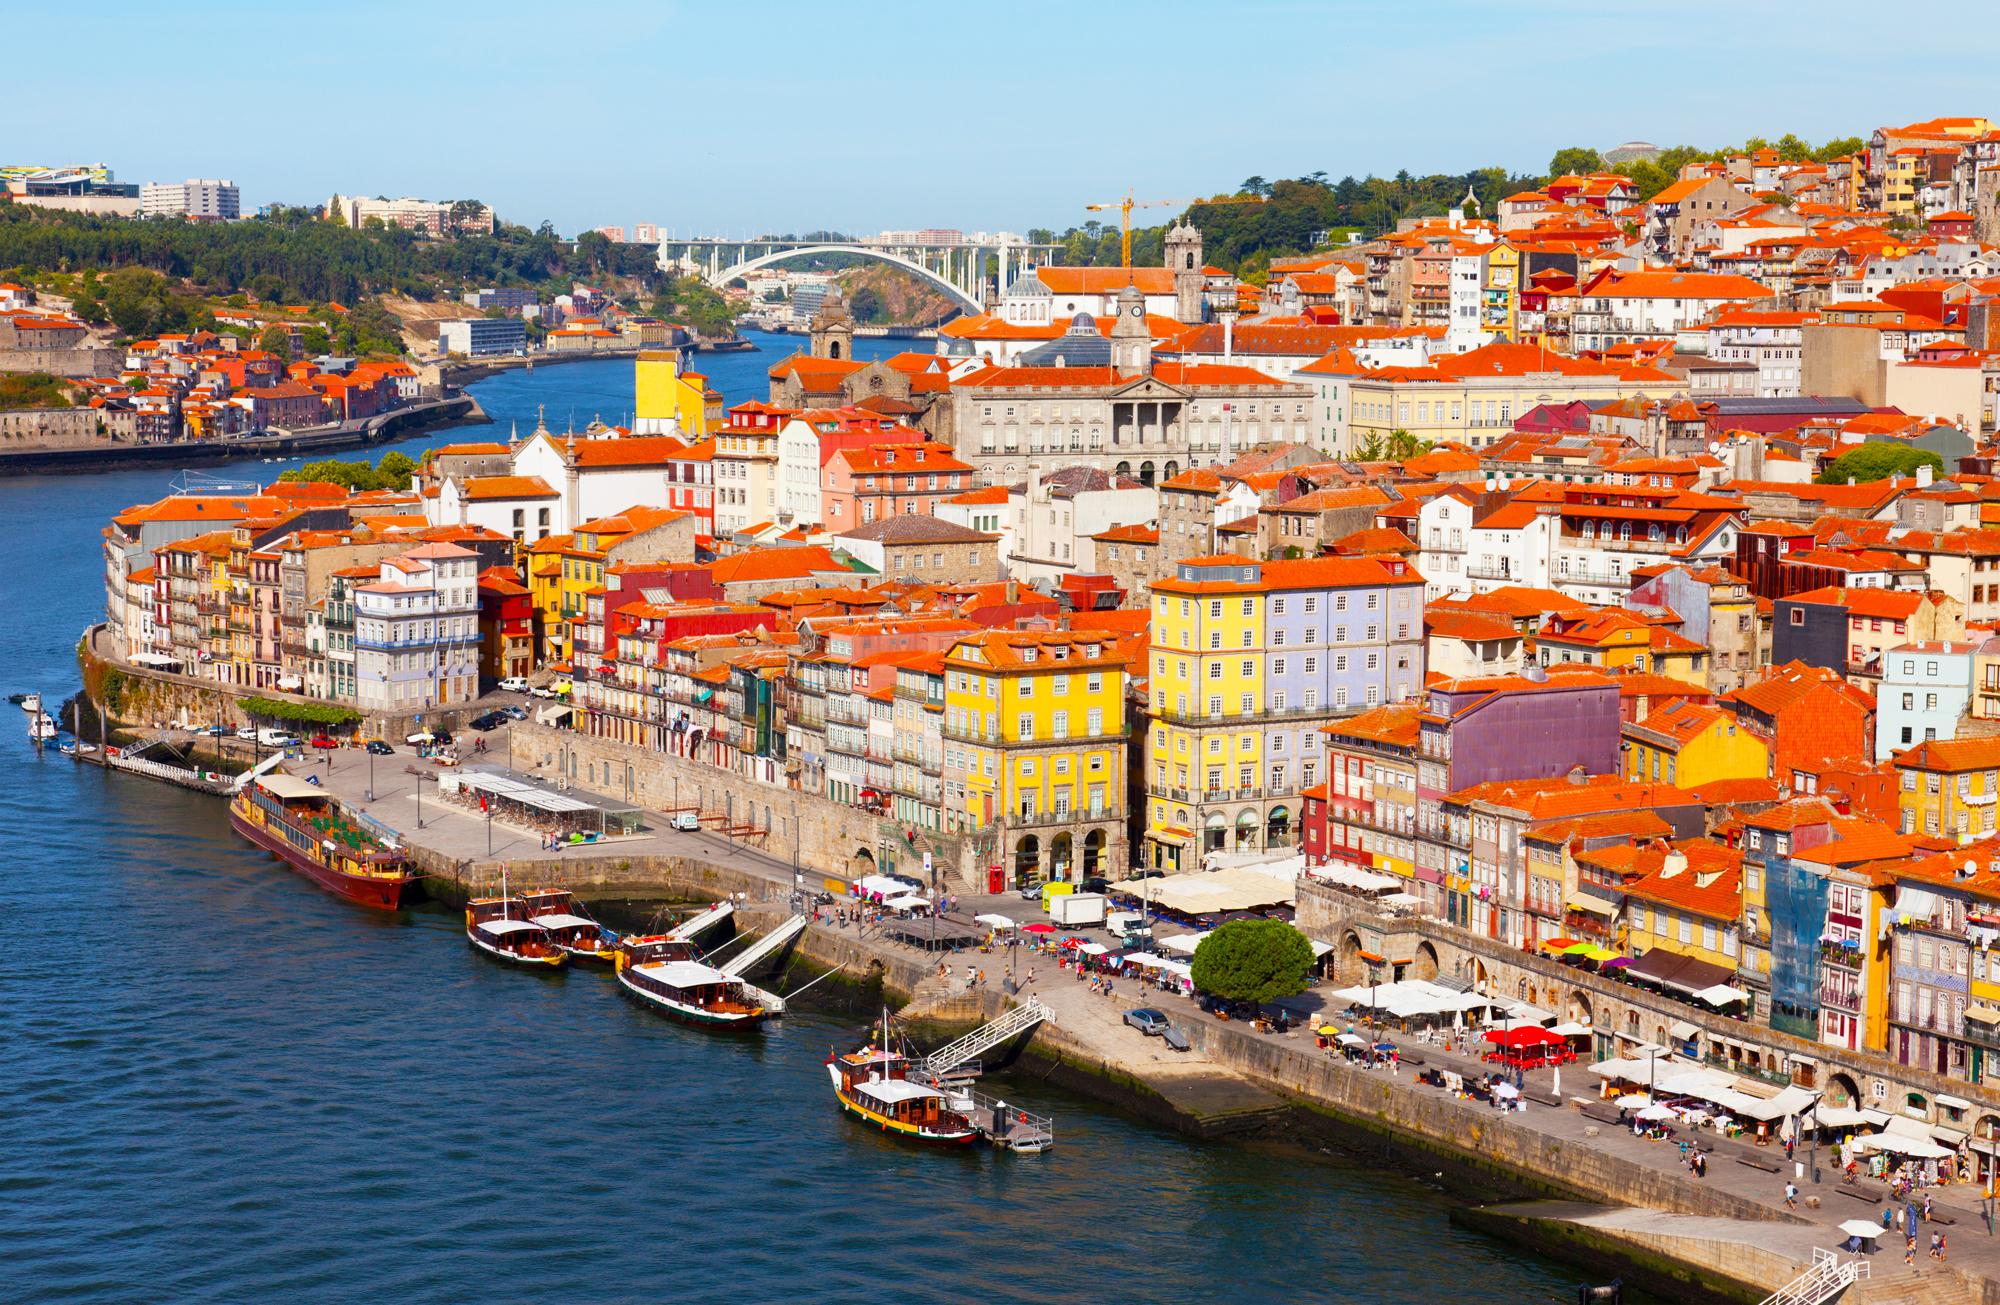 LIS - Lisbon